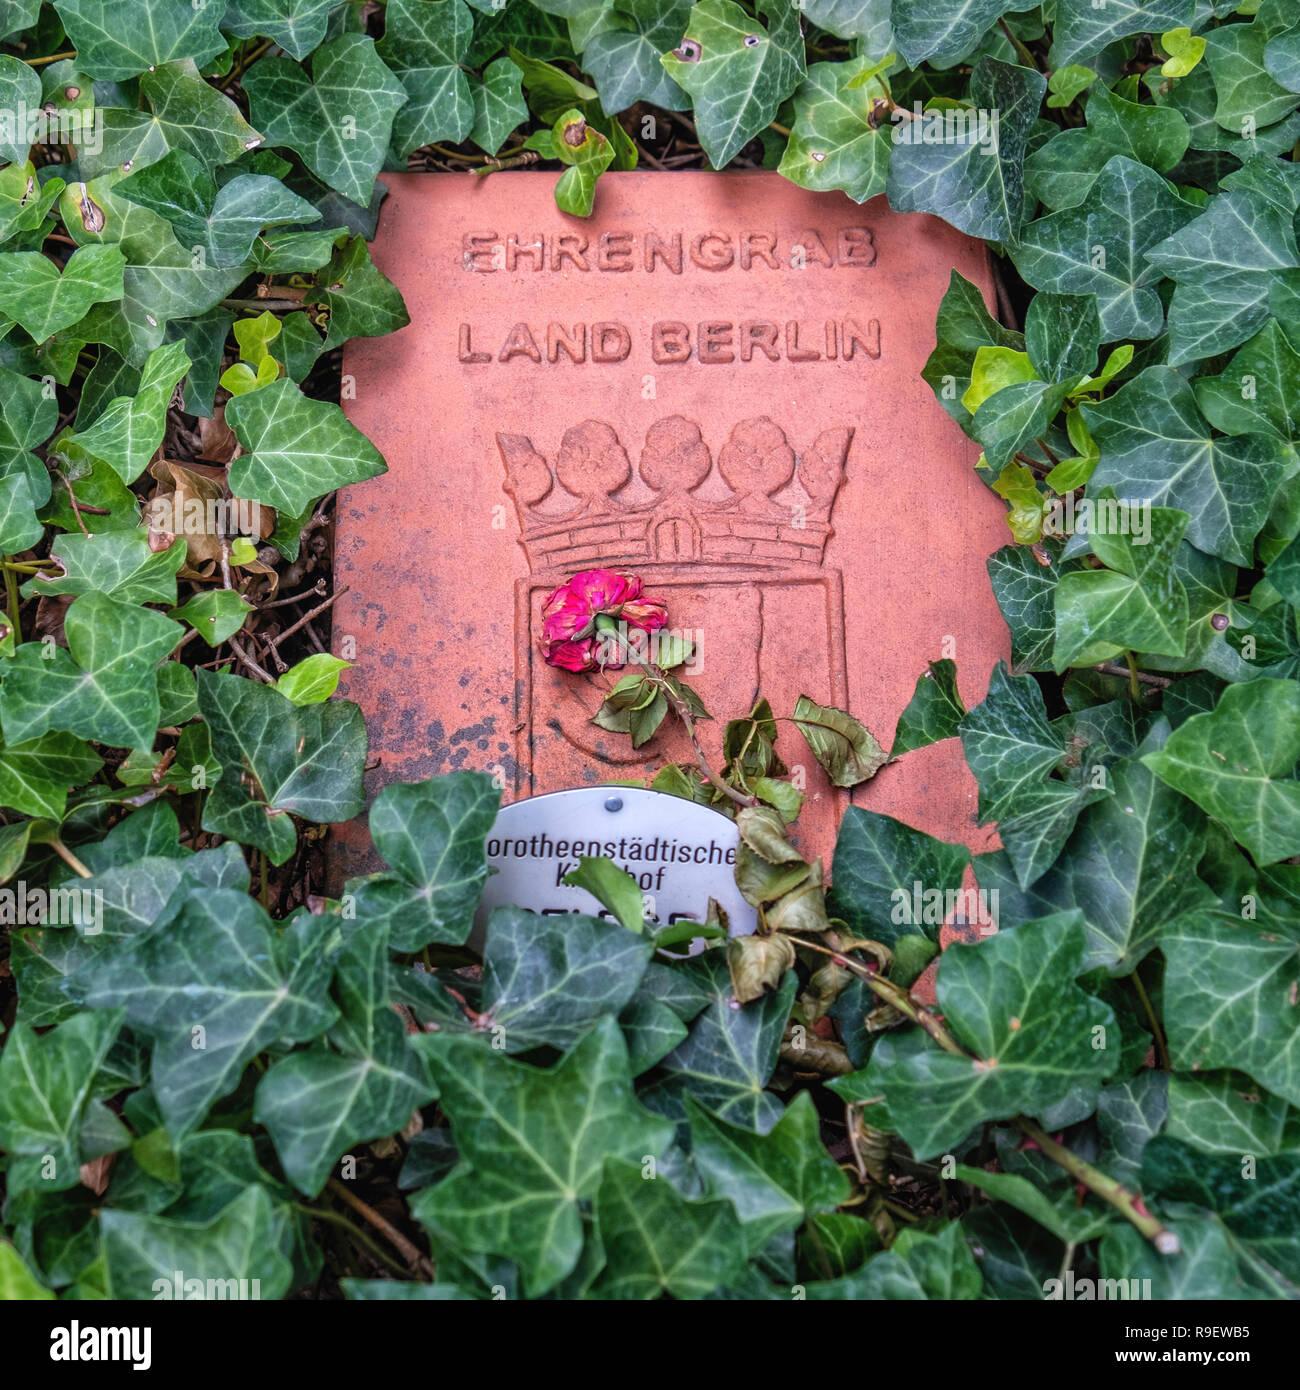 Berlino, Mitte. Dorotheenstadt cimitero protestante & sepoltura. Ehrengrab, onorevoli grave della placca. Immagini Stock